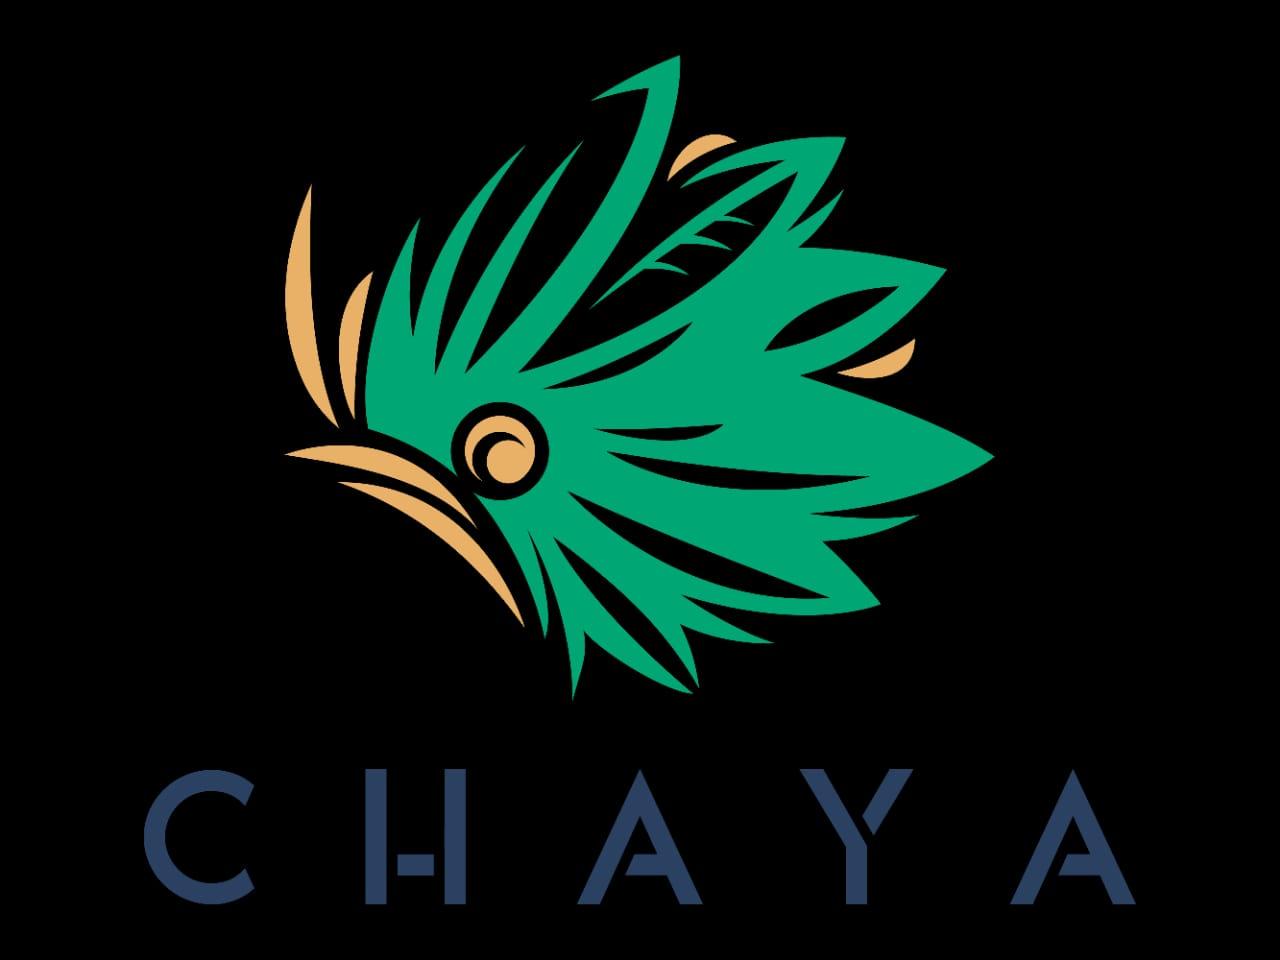 Chaya Kombucha